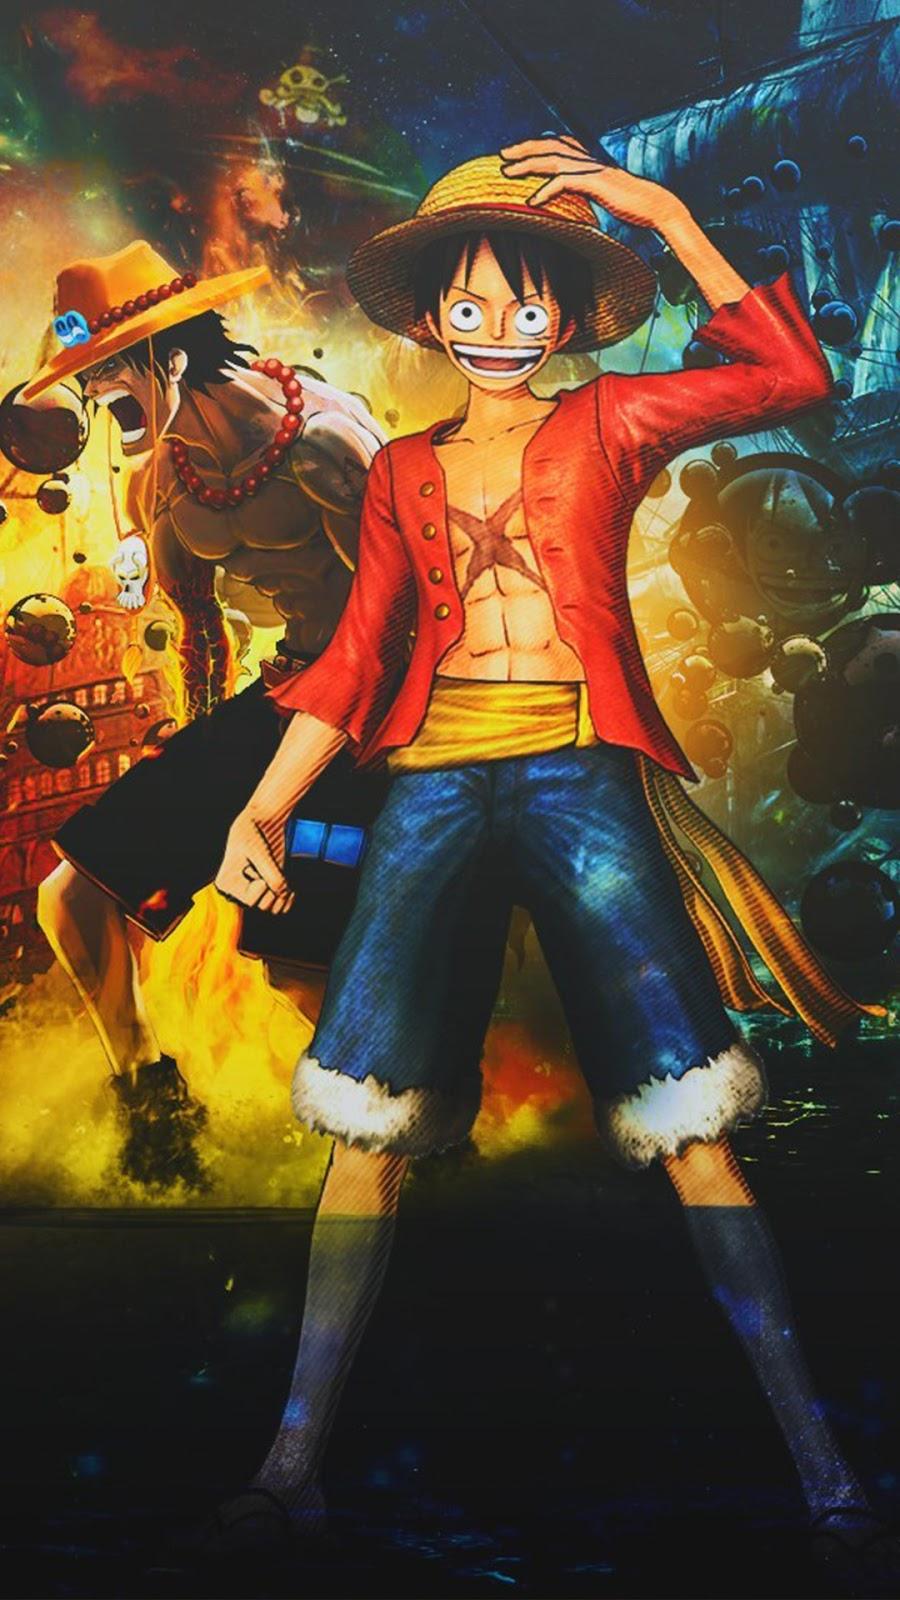 Wallpaper Paling Keren Di Dunia One Piece Kaizoku Musou Ps3 2925519 Hd Wallpaper Backgrounds Download